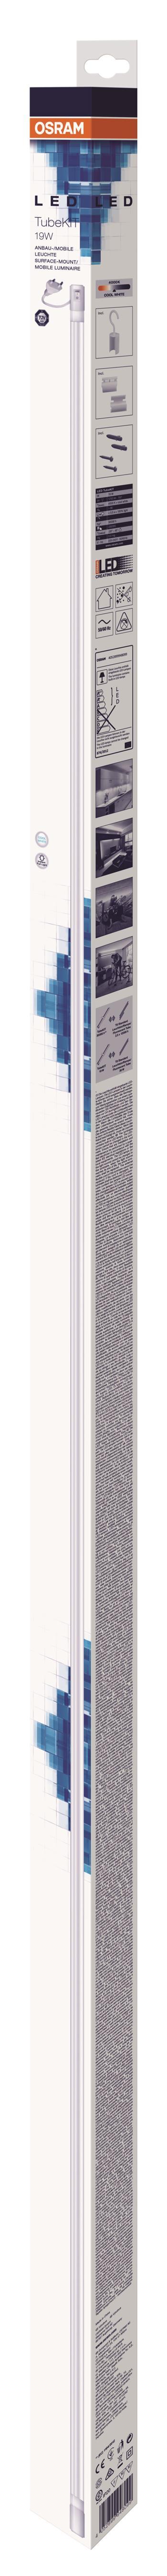 OSRAM LED svítidlo TUBEKITLED12 19W/840 G5